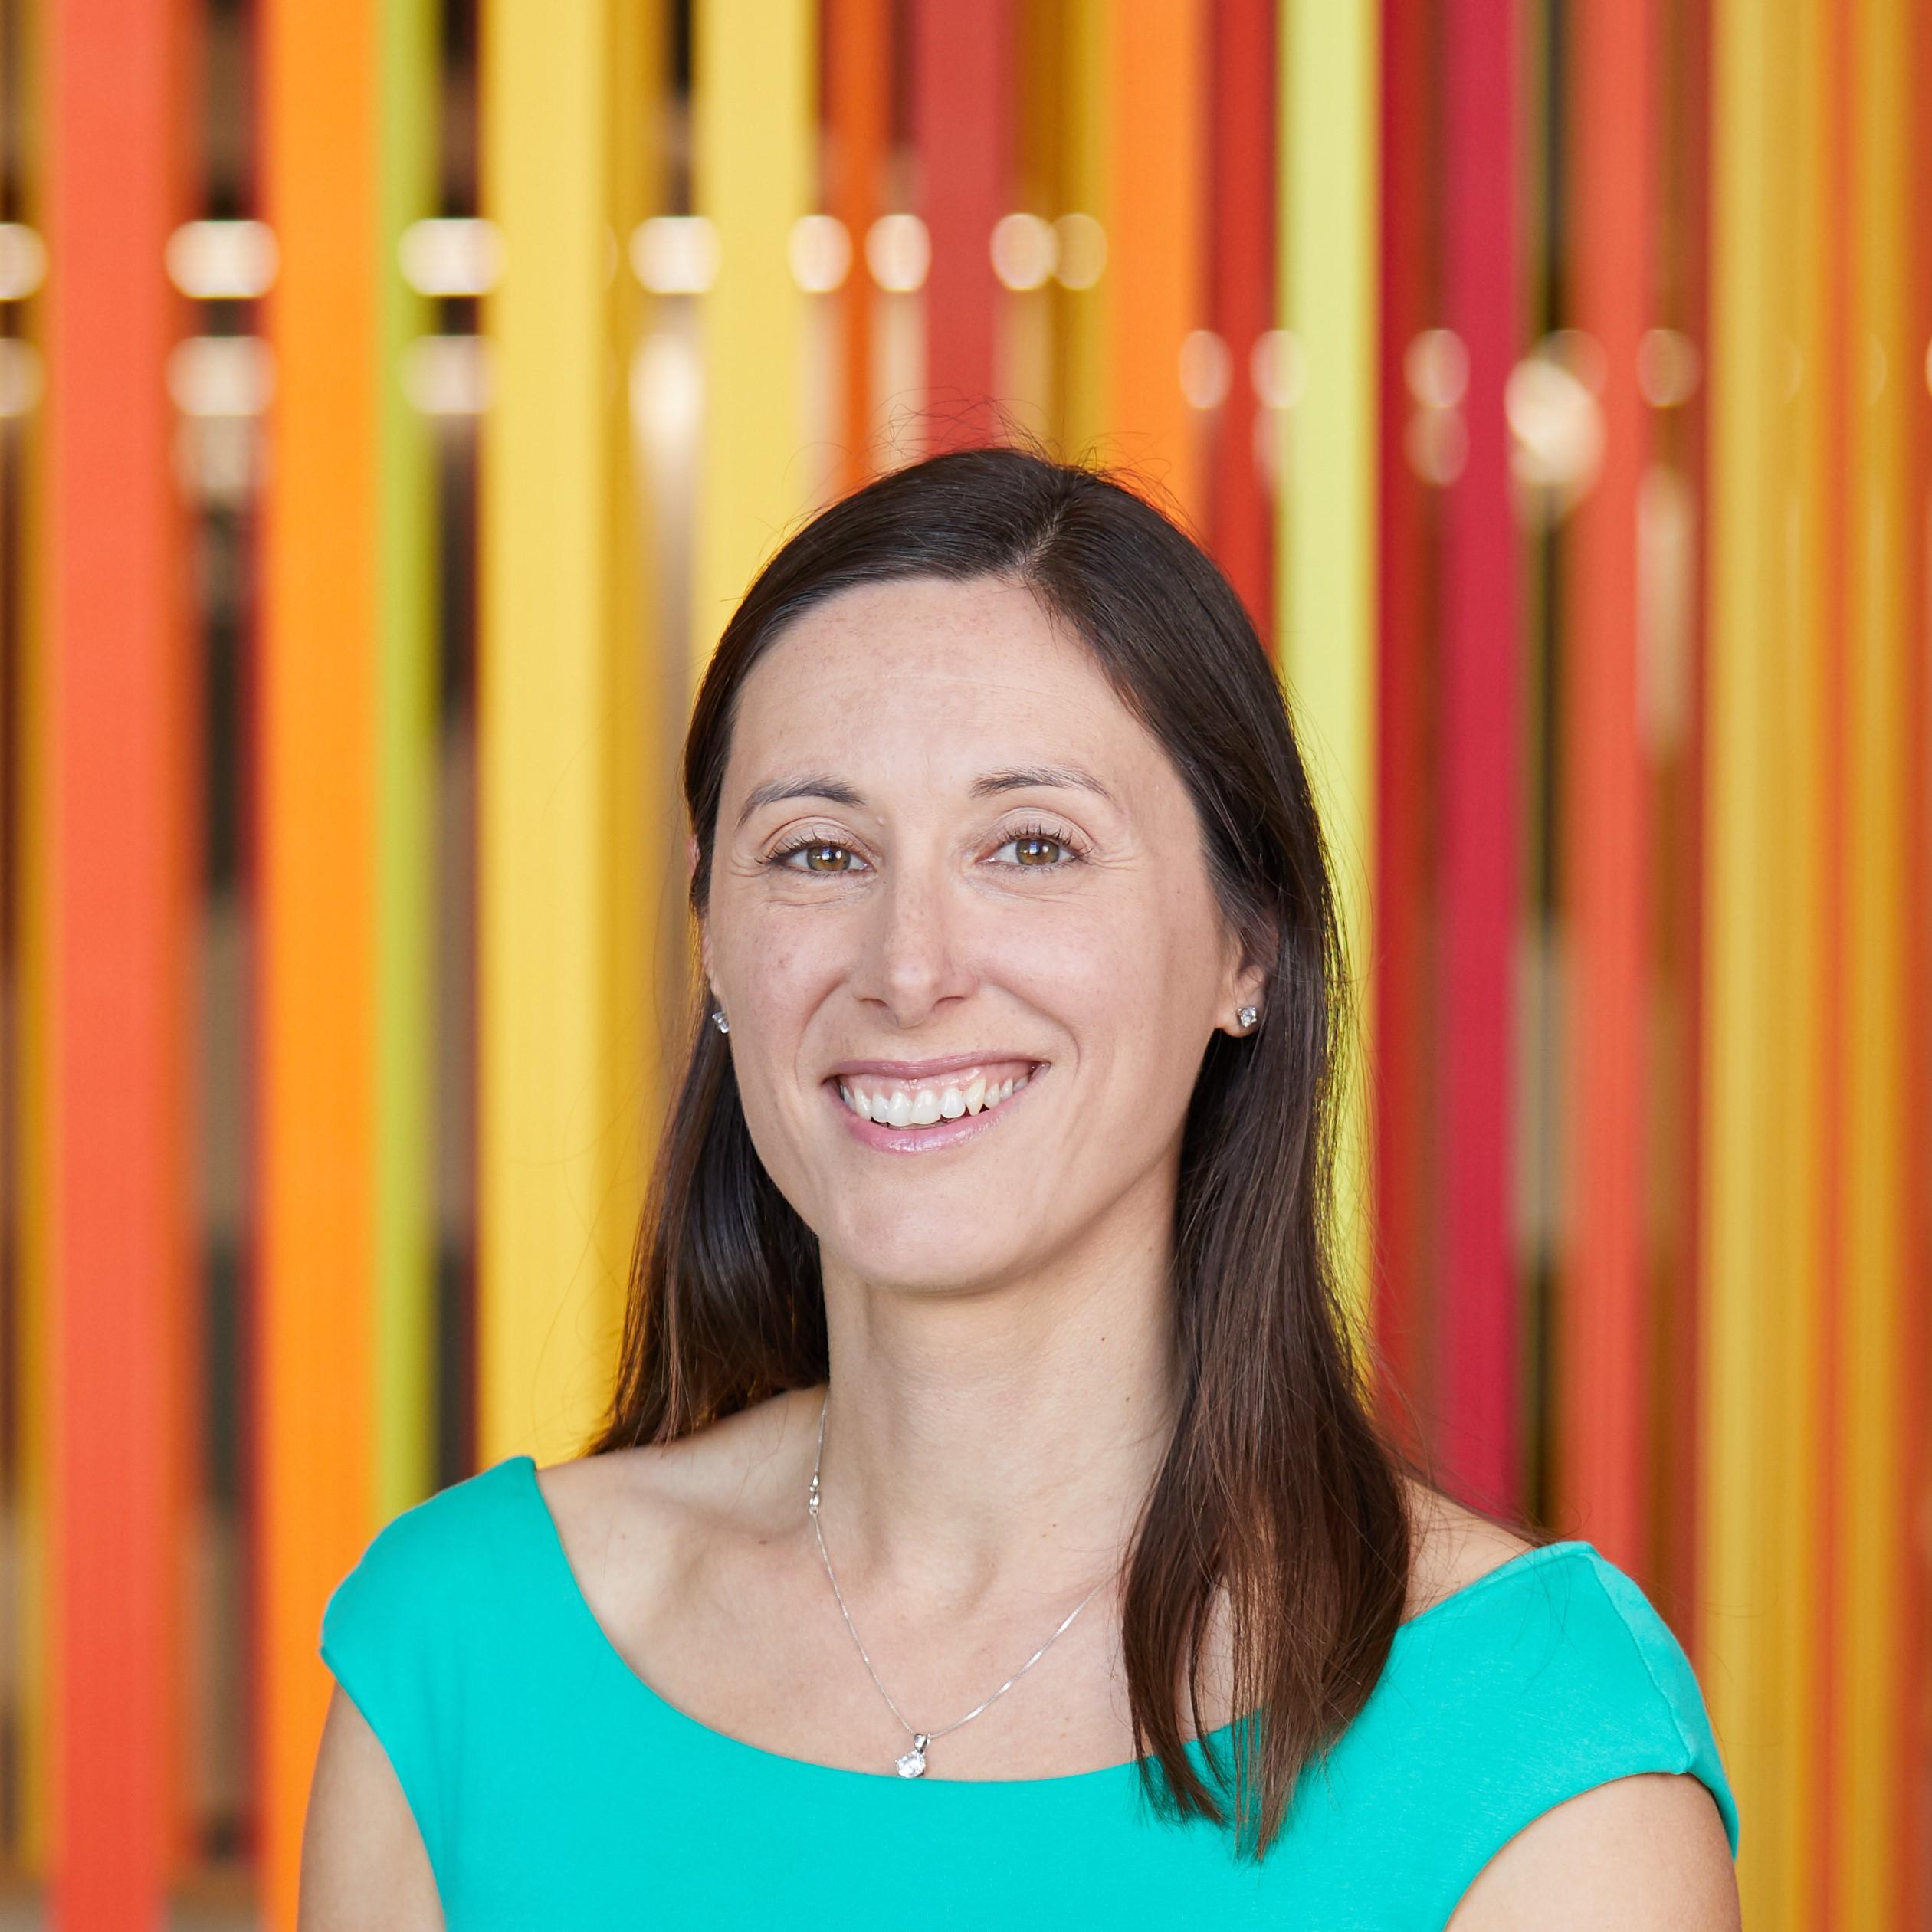 Associate Professor Kate Gemma Quinlan